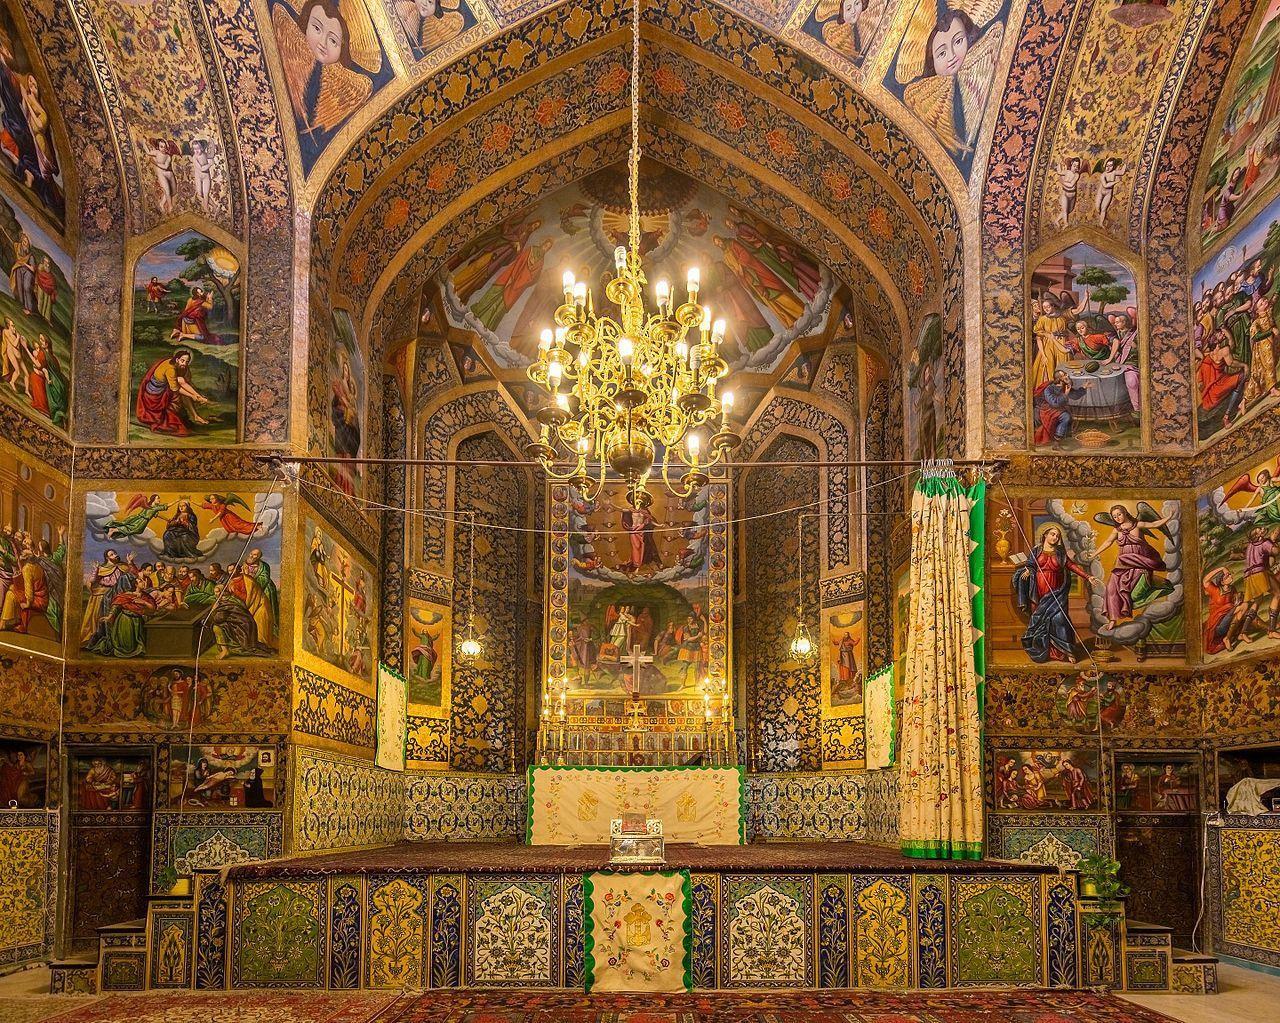 جاذبه گردشگری کلیسای وانک اصفهان